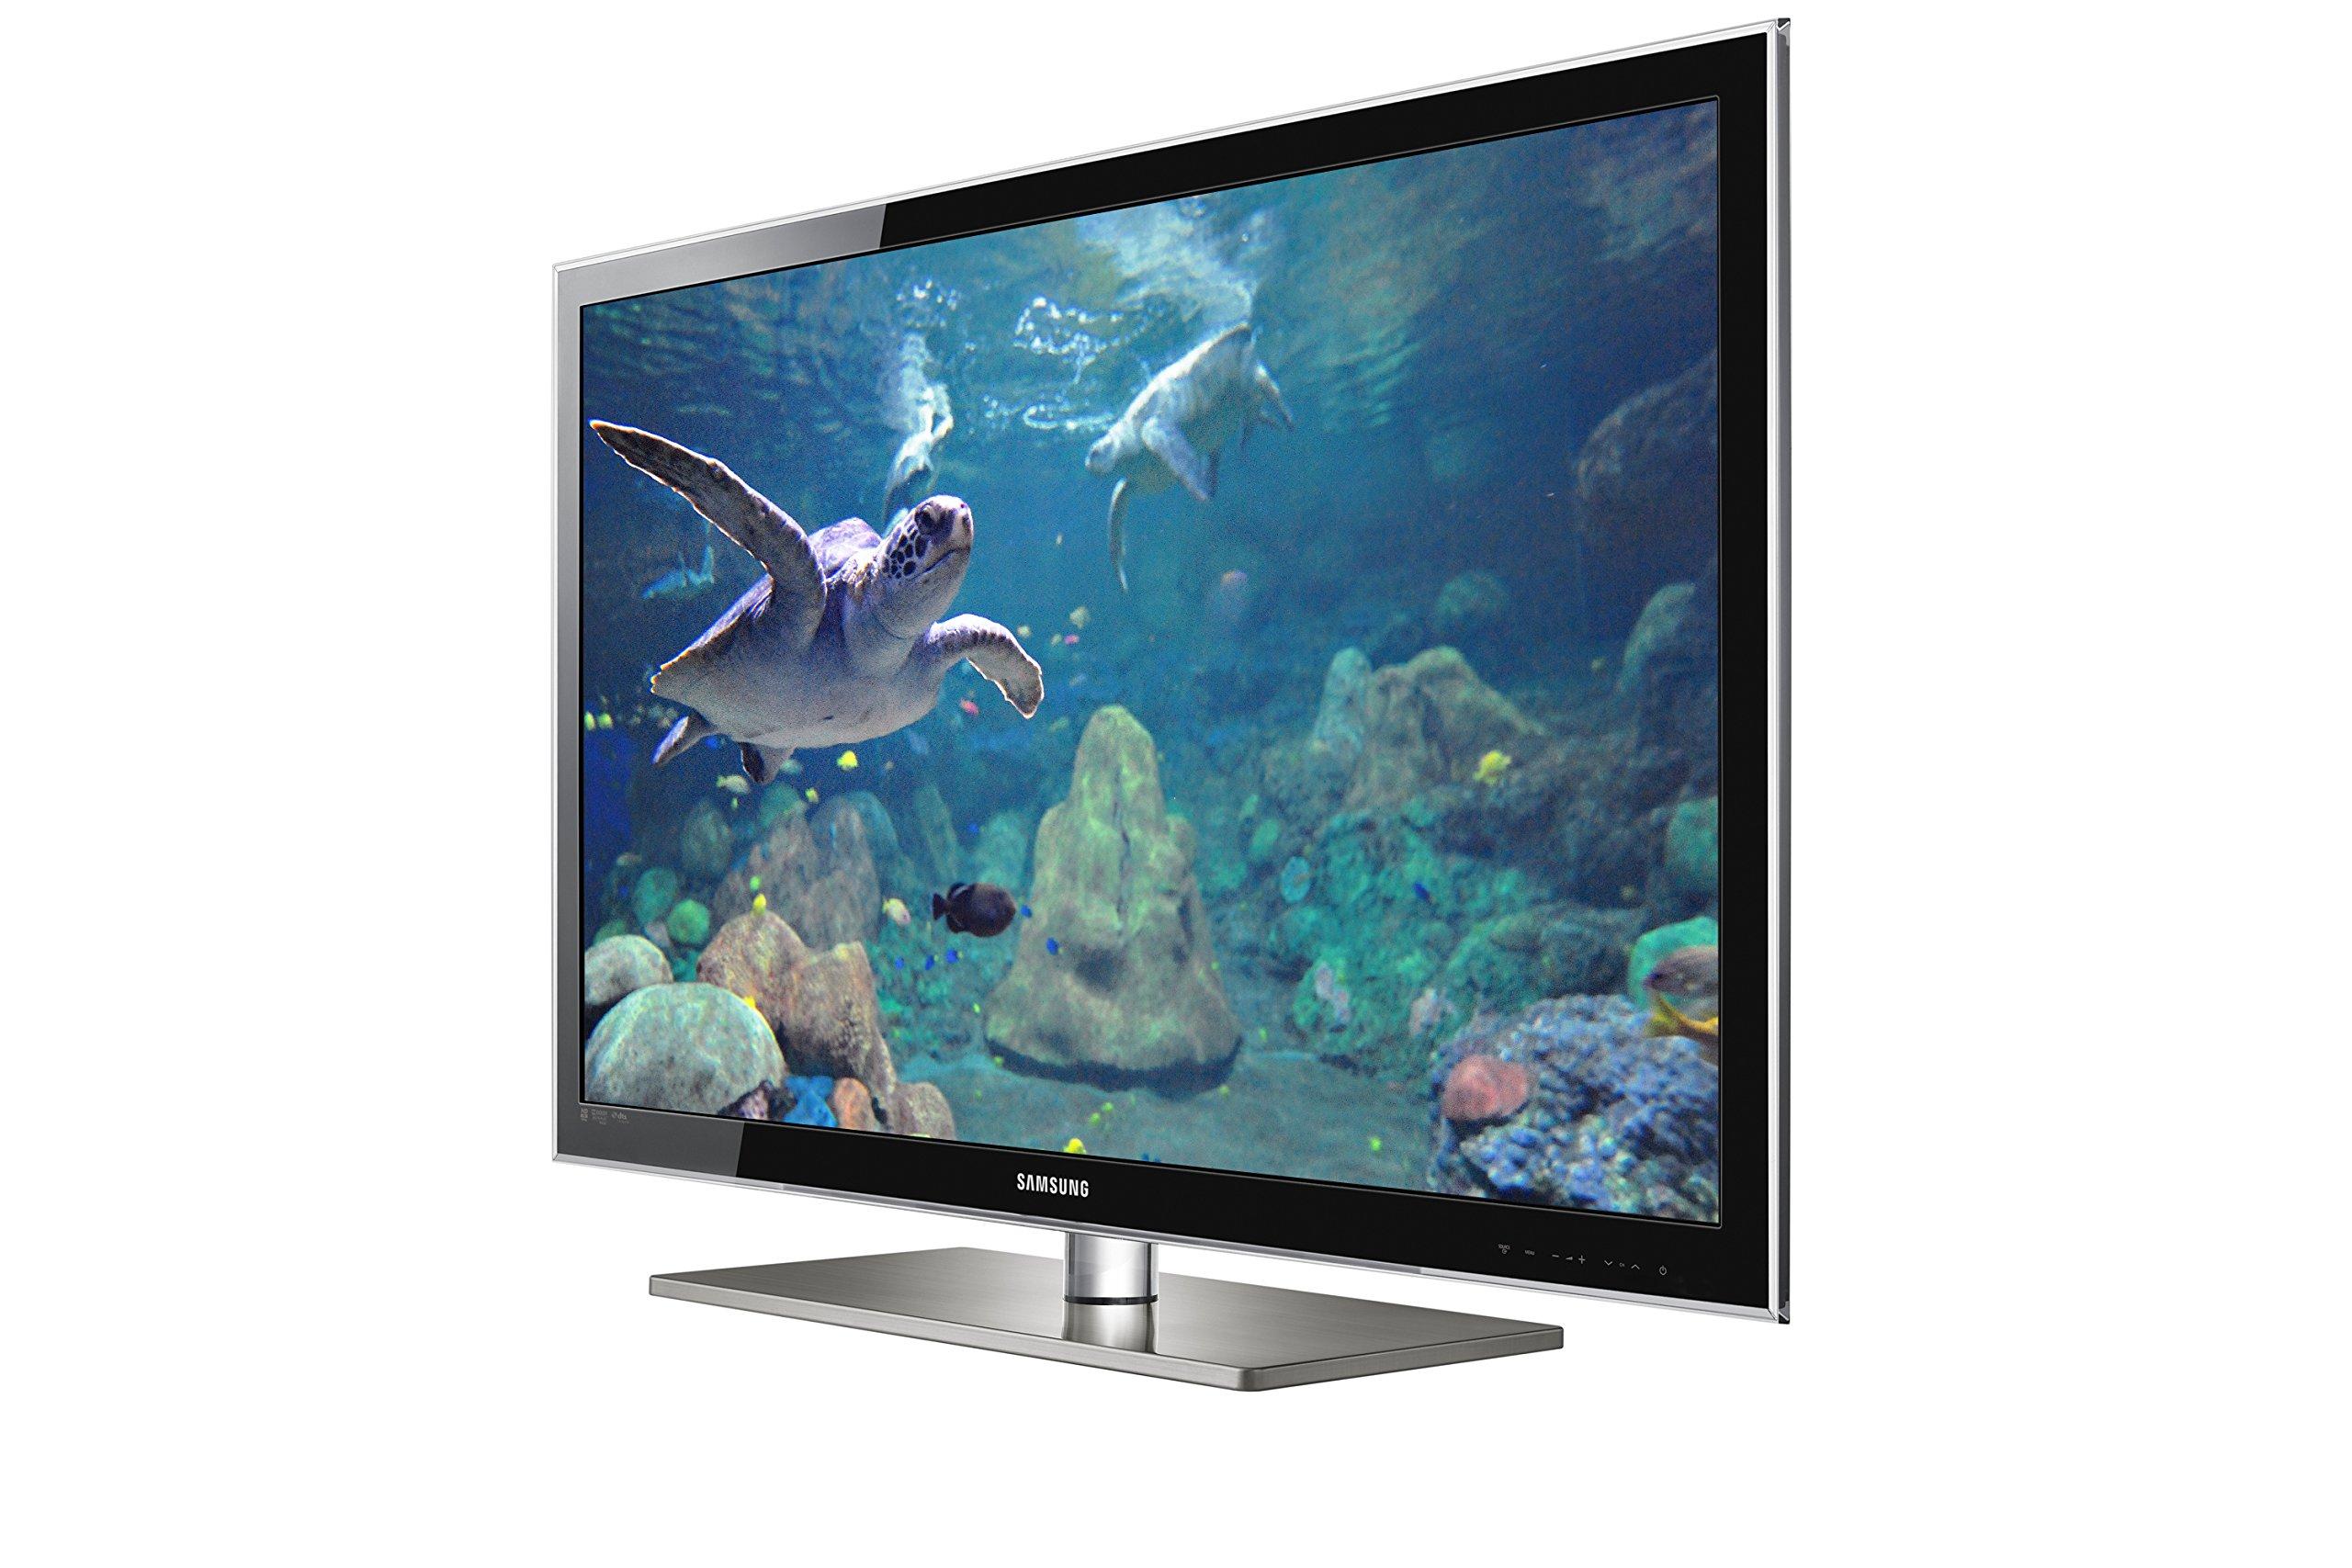 Samsung UE40C6000- Televisión, Pantalla 40 pulgadas: Amazon.es: Electrónica